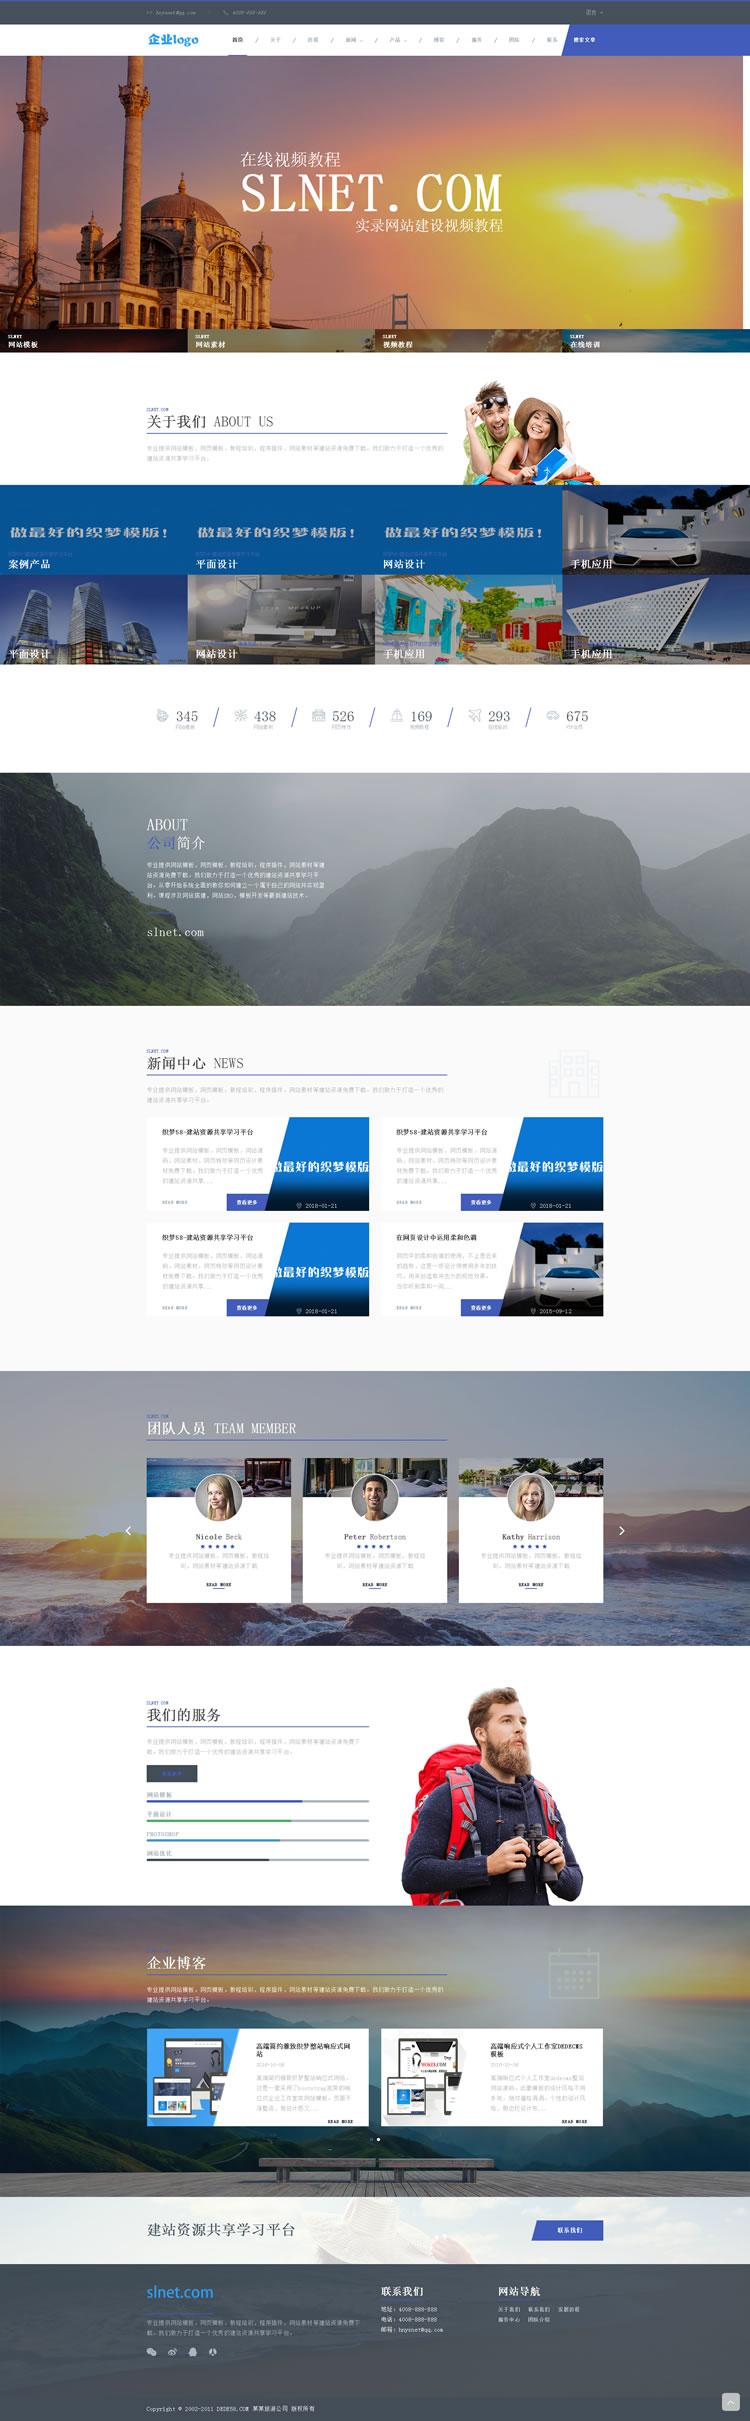 高端响应式自适应自由配色旅游企业织梦dedecms网站模板 by www.rv28.com.jpg